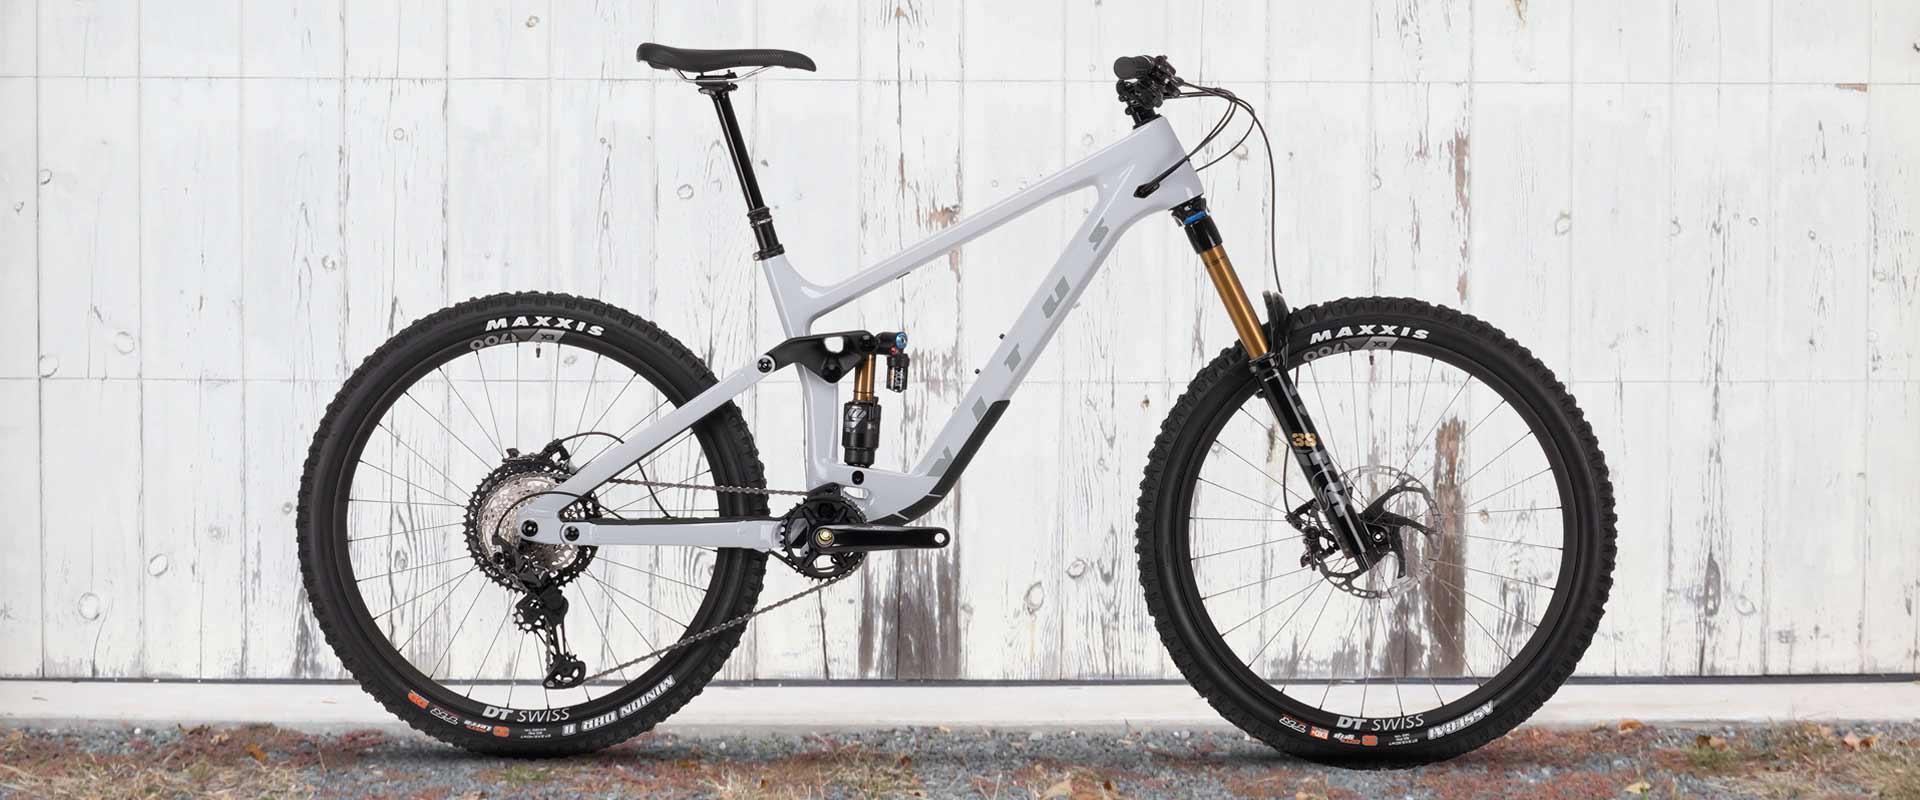 Vitus Sommet 27 CRX Mountain Bike